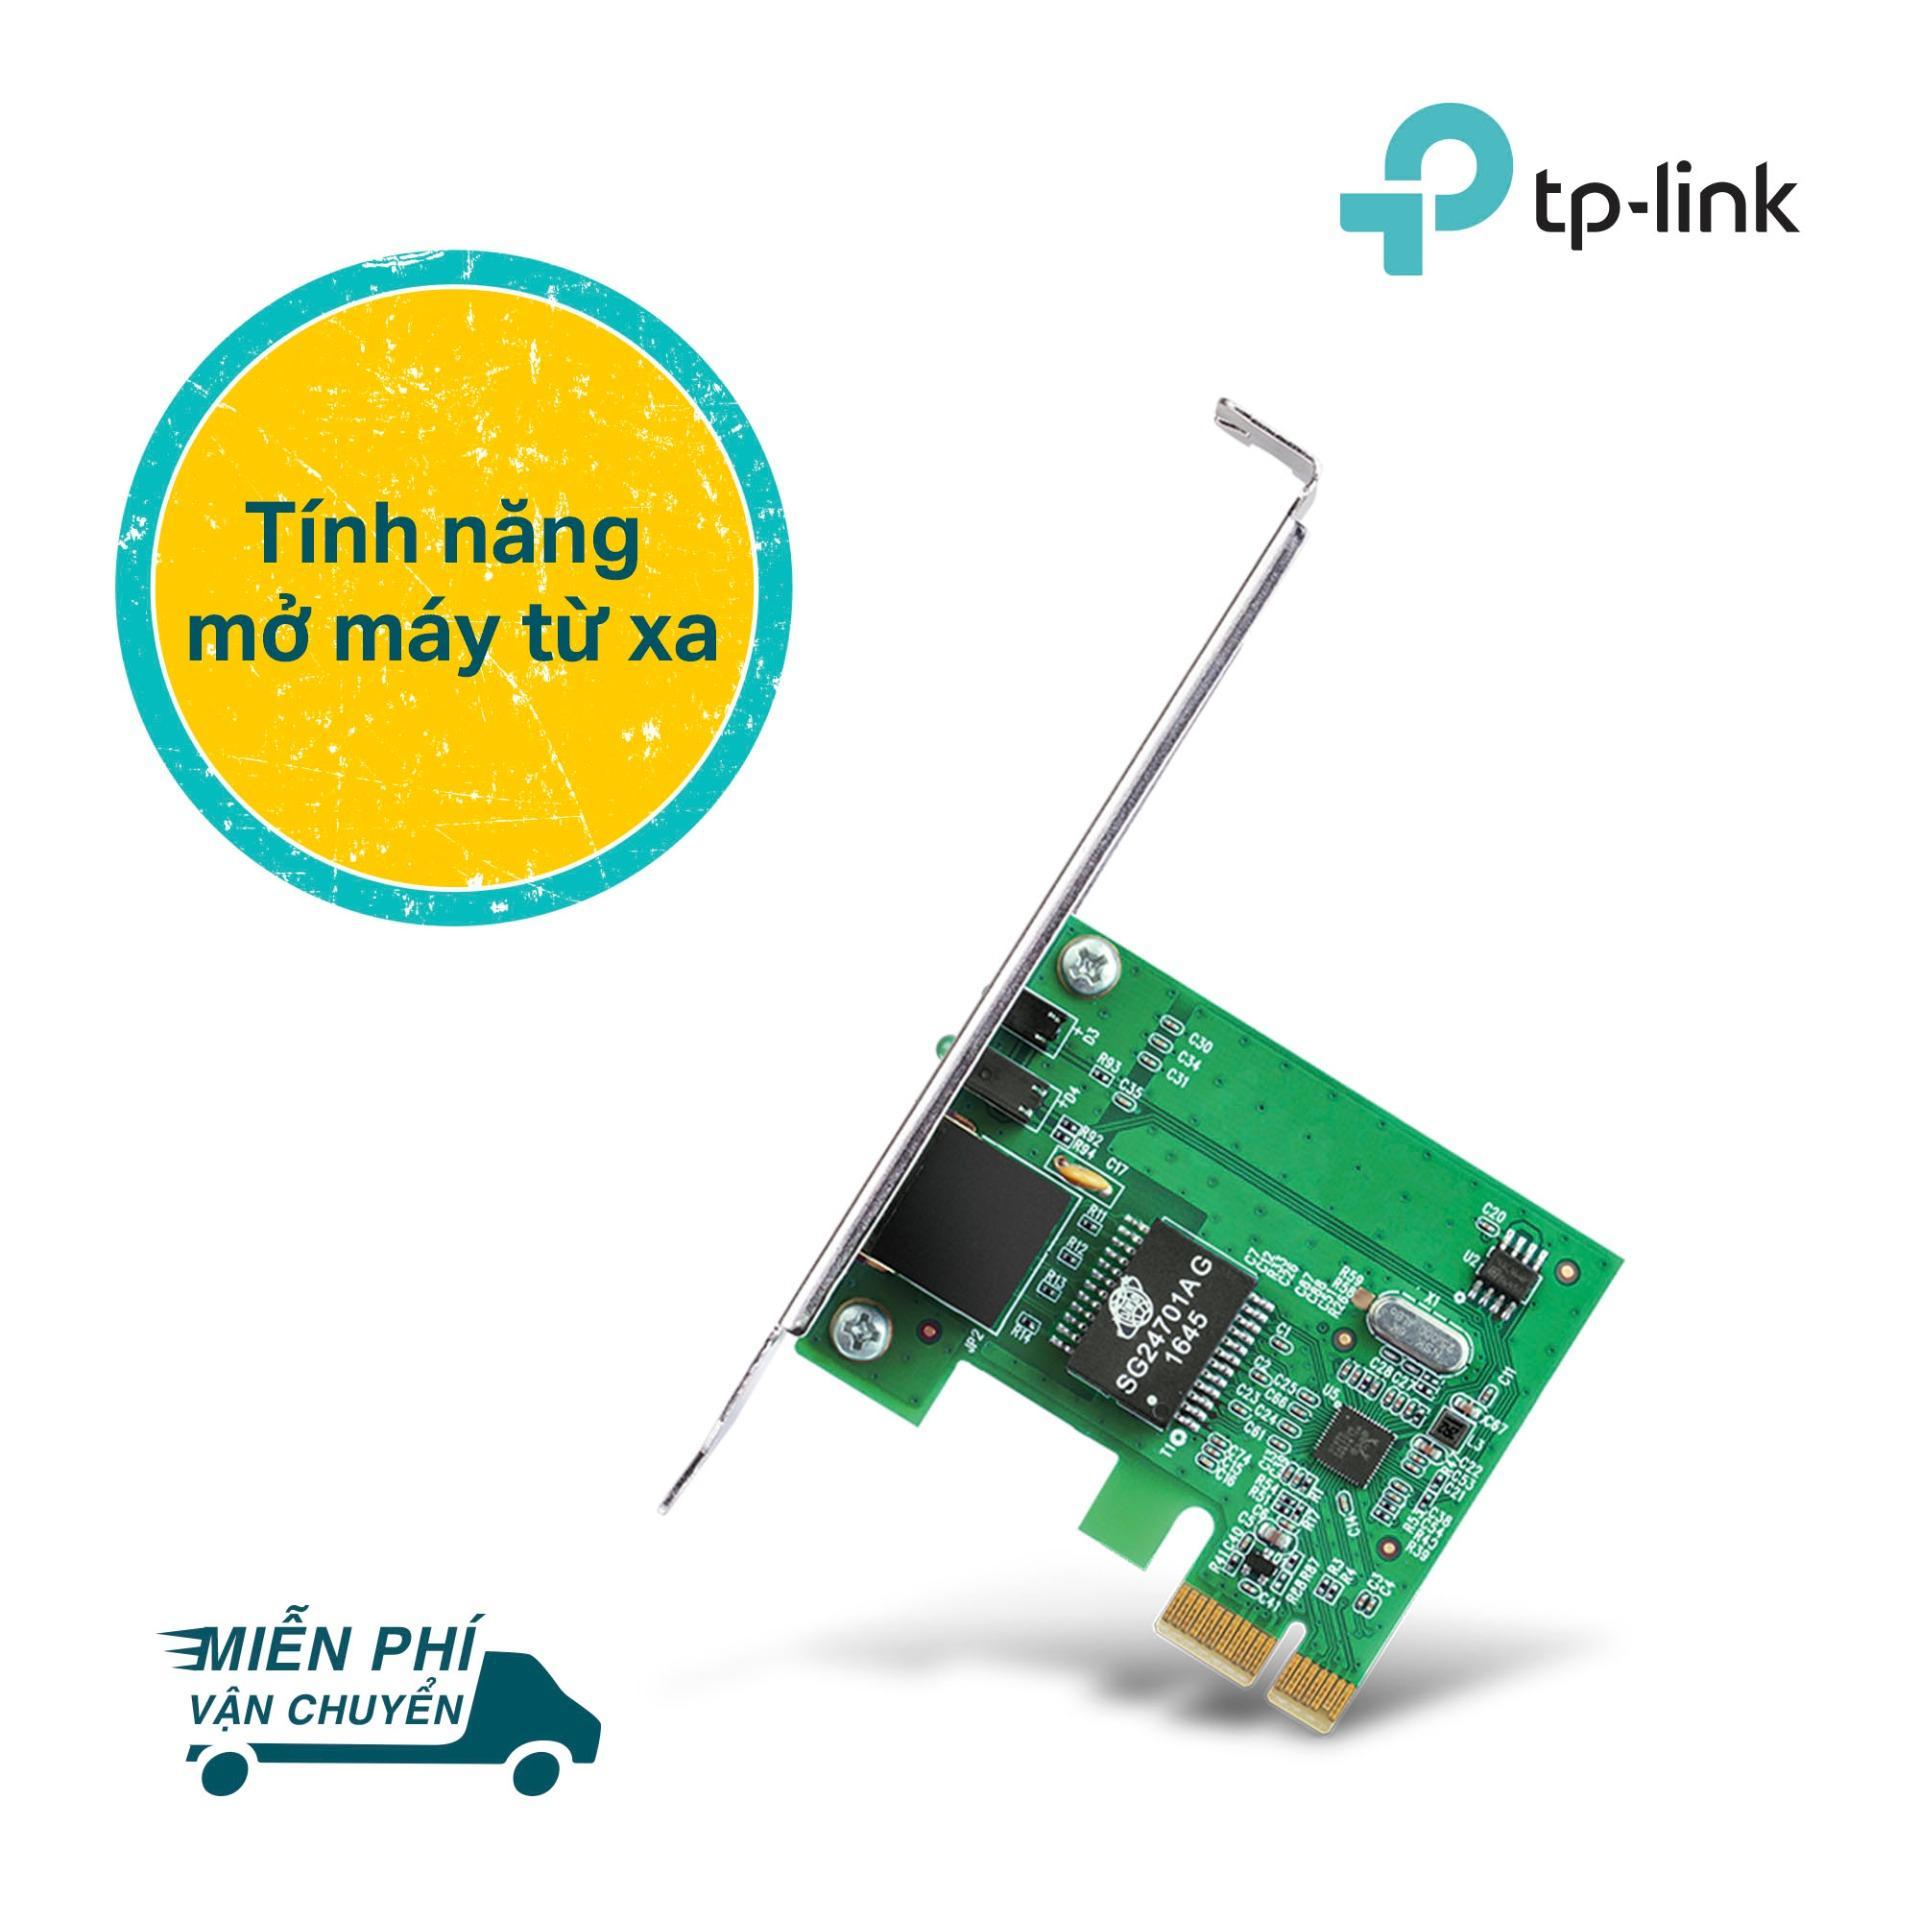 TP-Link Card mạng Wifi PCIe 10/100/1000Mbps Quản lý LAN thuận tiện - TG-3468 -Hãng phân phối chính thức